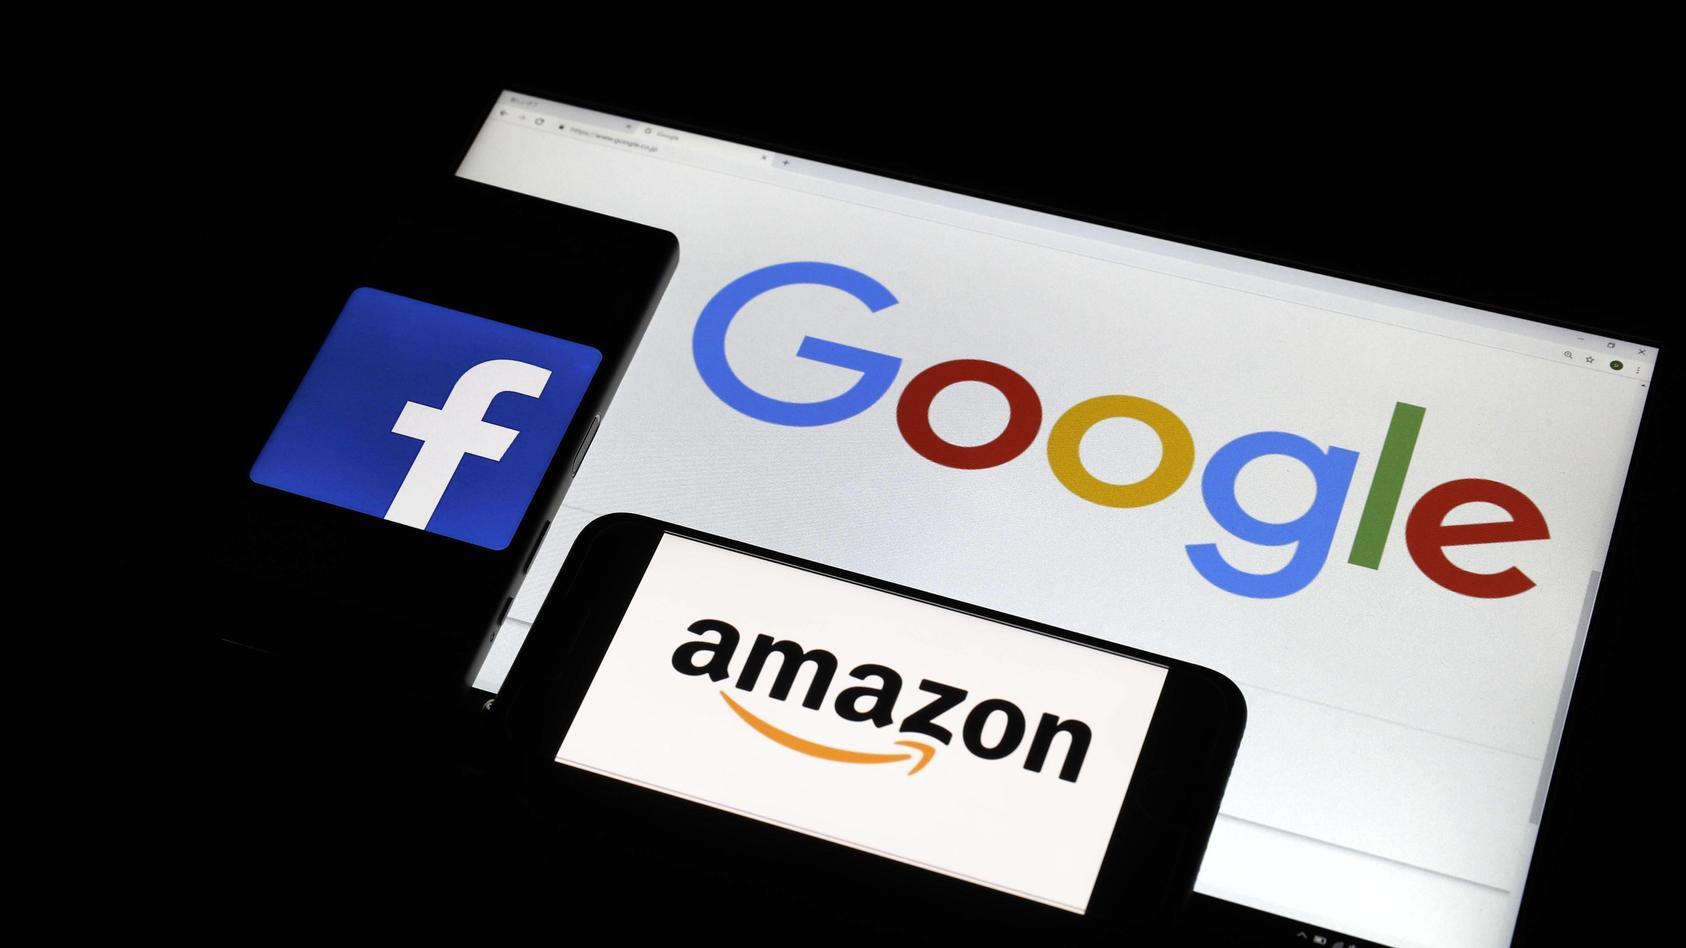 Streit um Steuern für die großen Tech-Konzerne